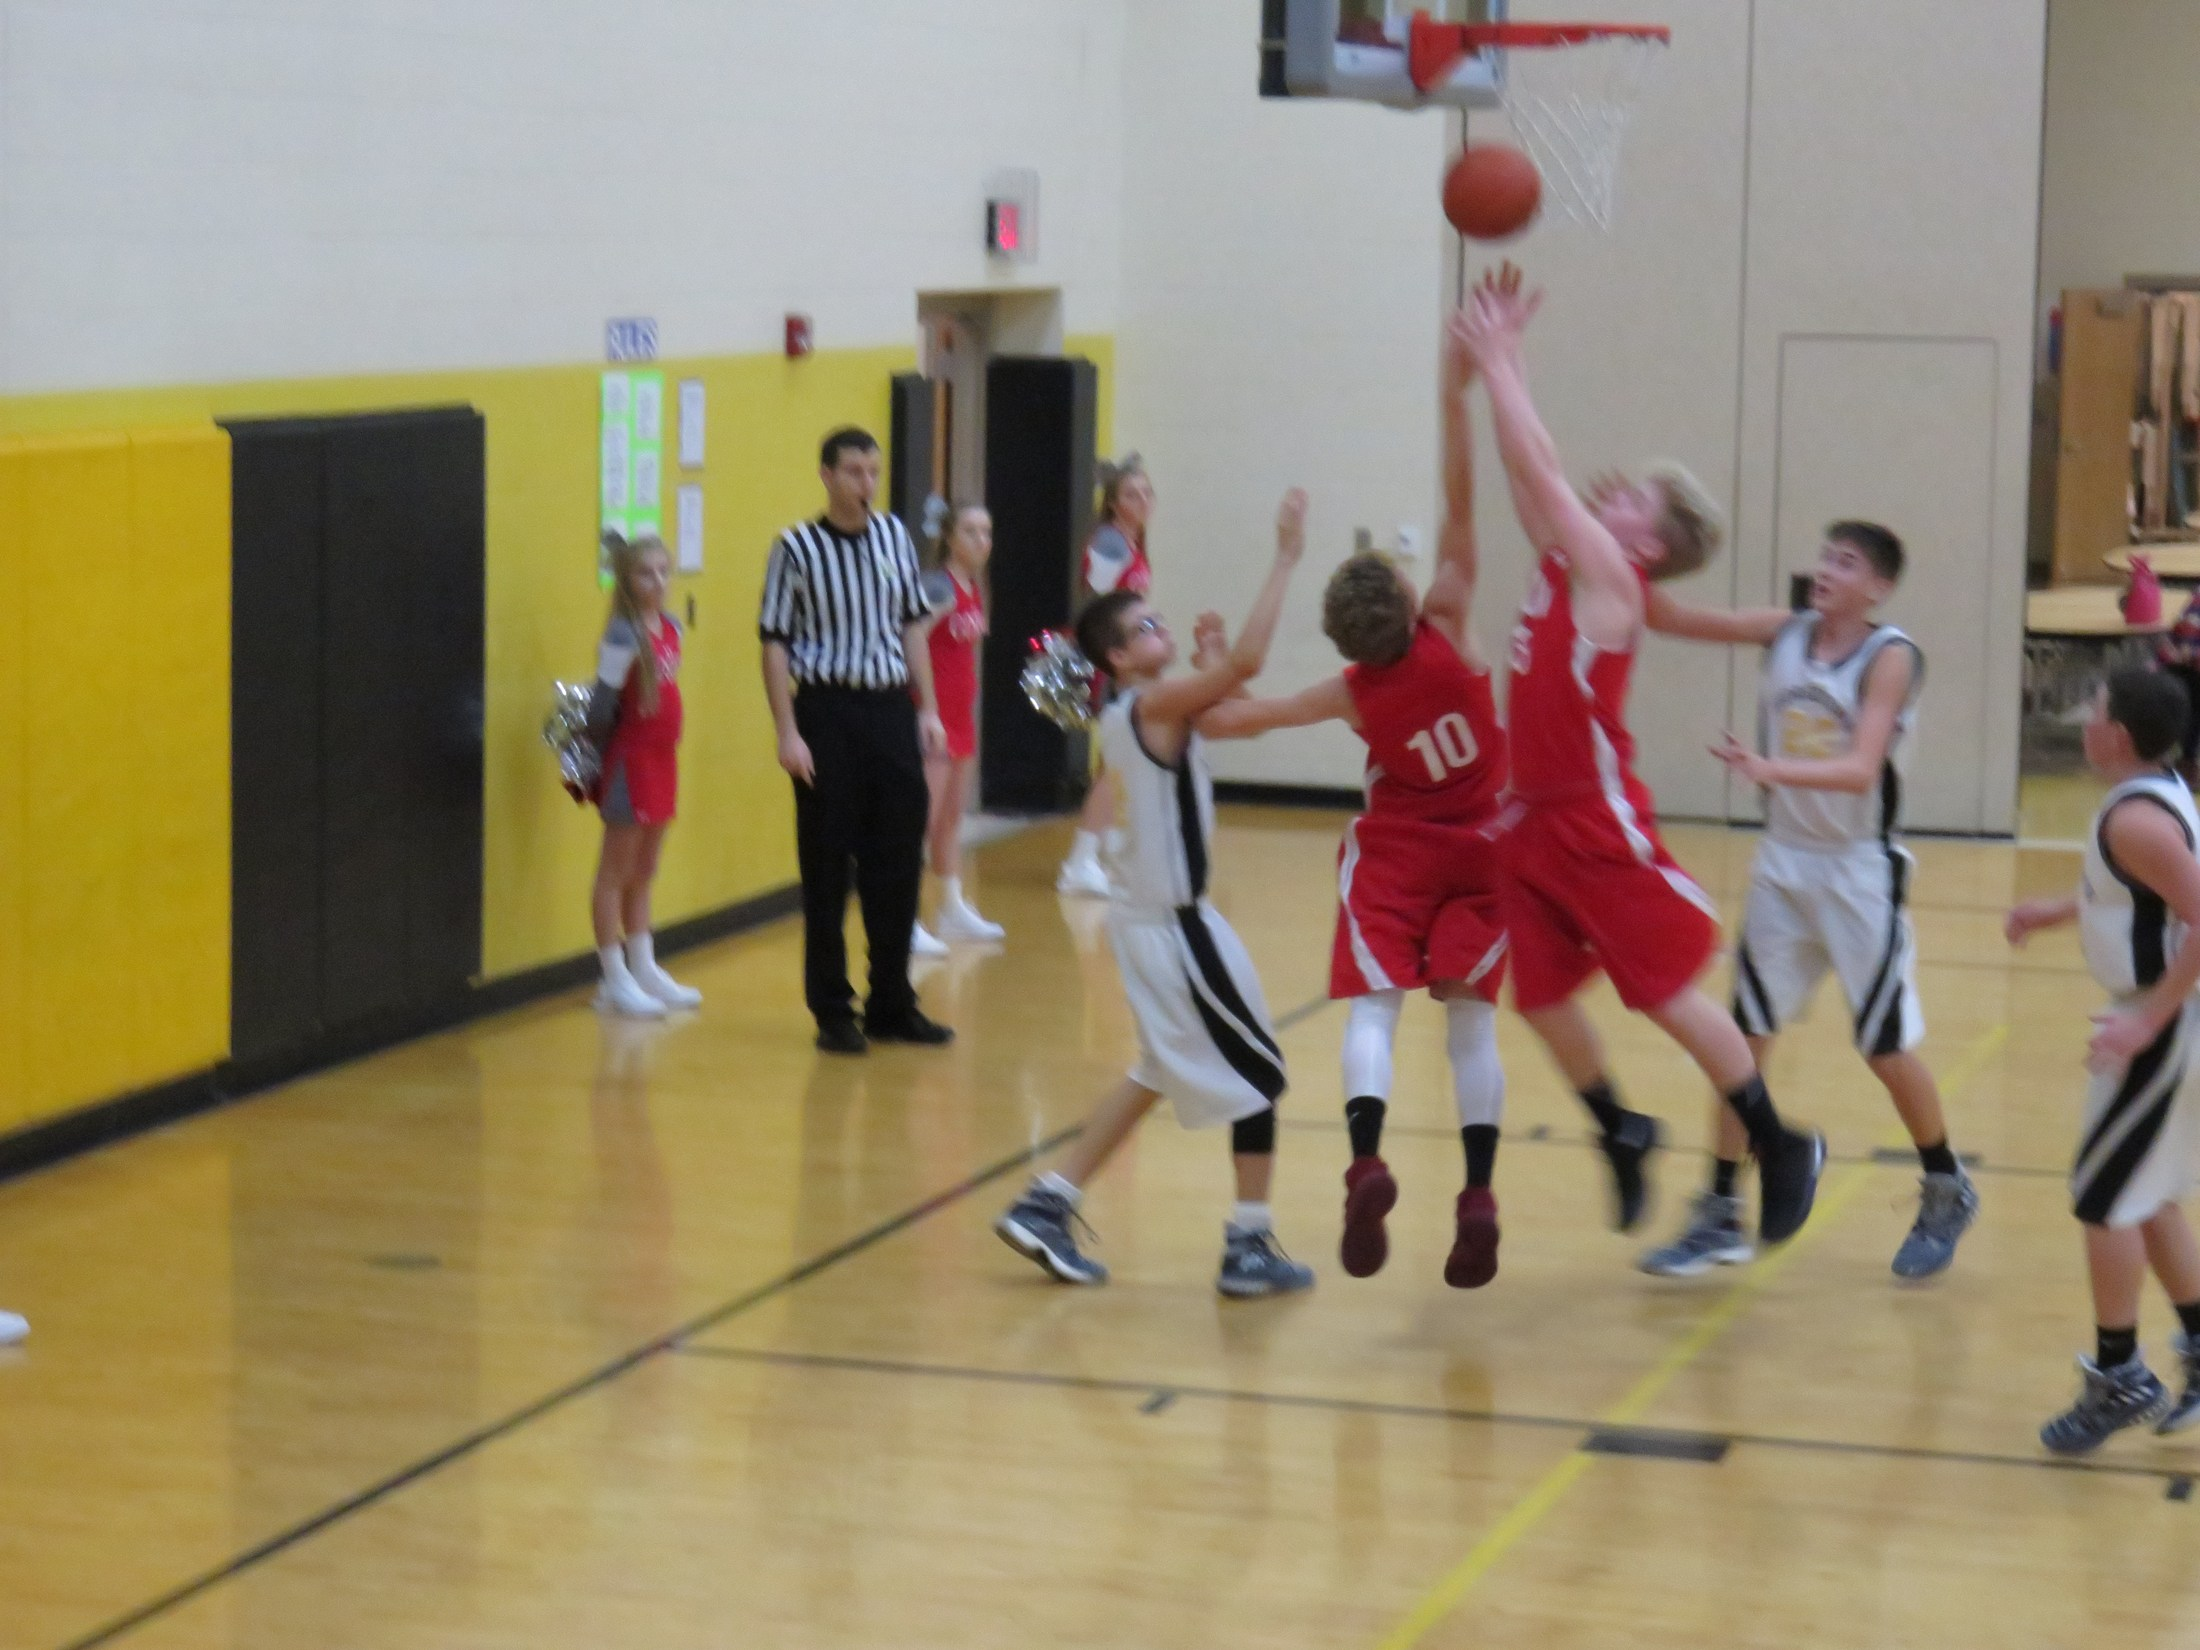 8th grade boys basketball player Matthaus Beuchner